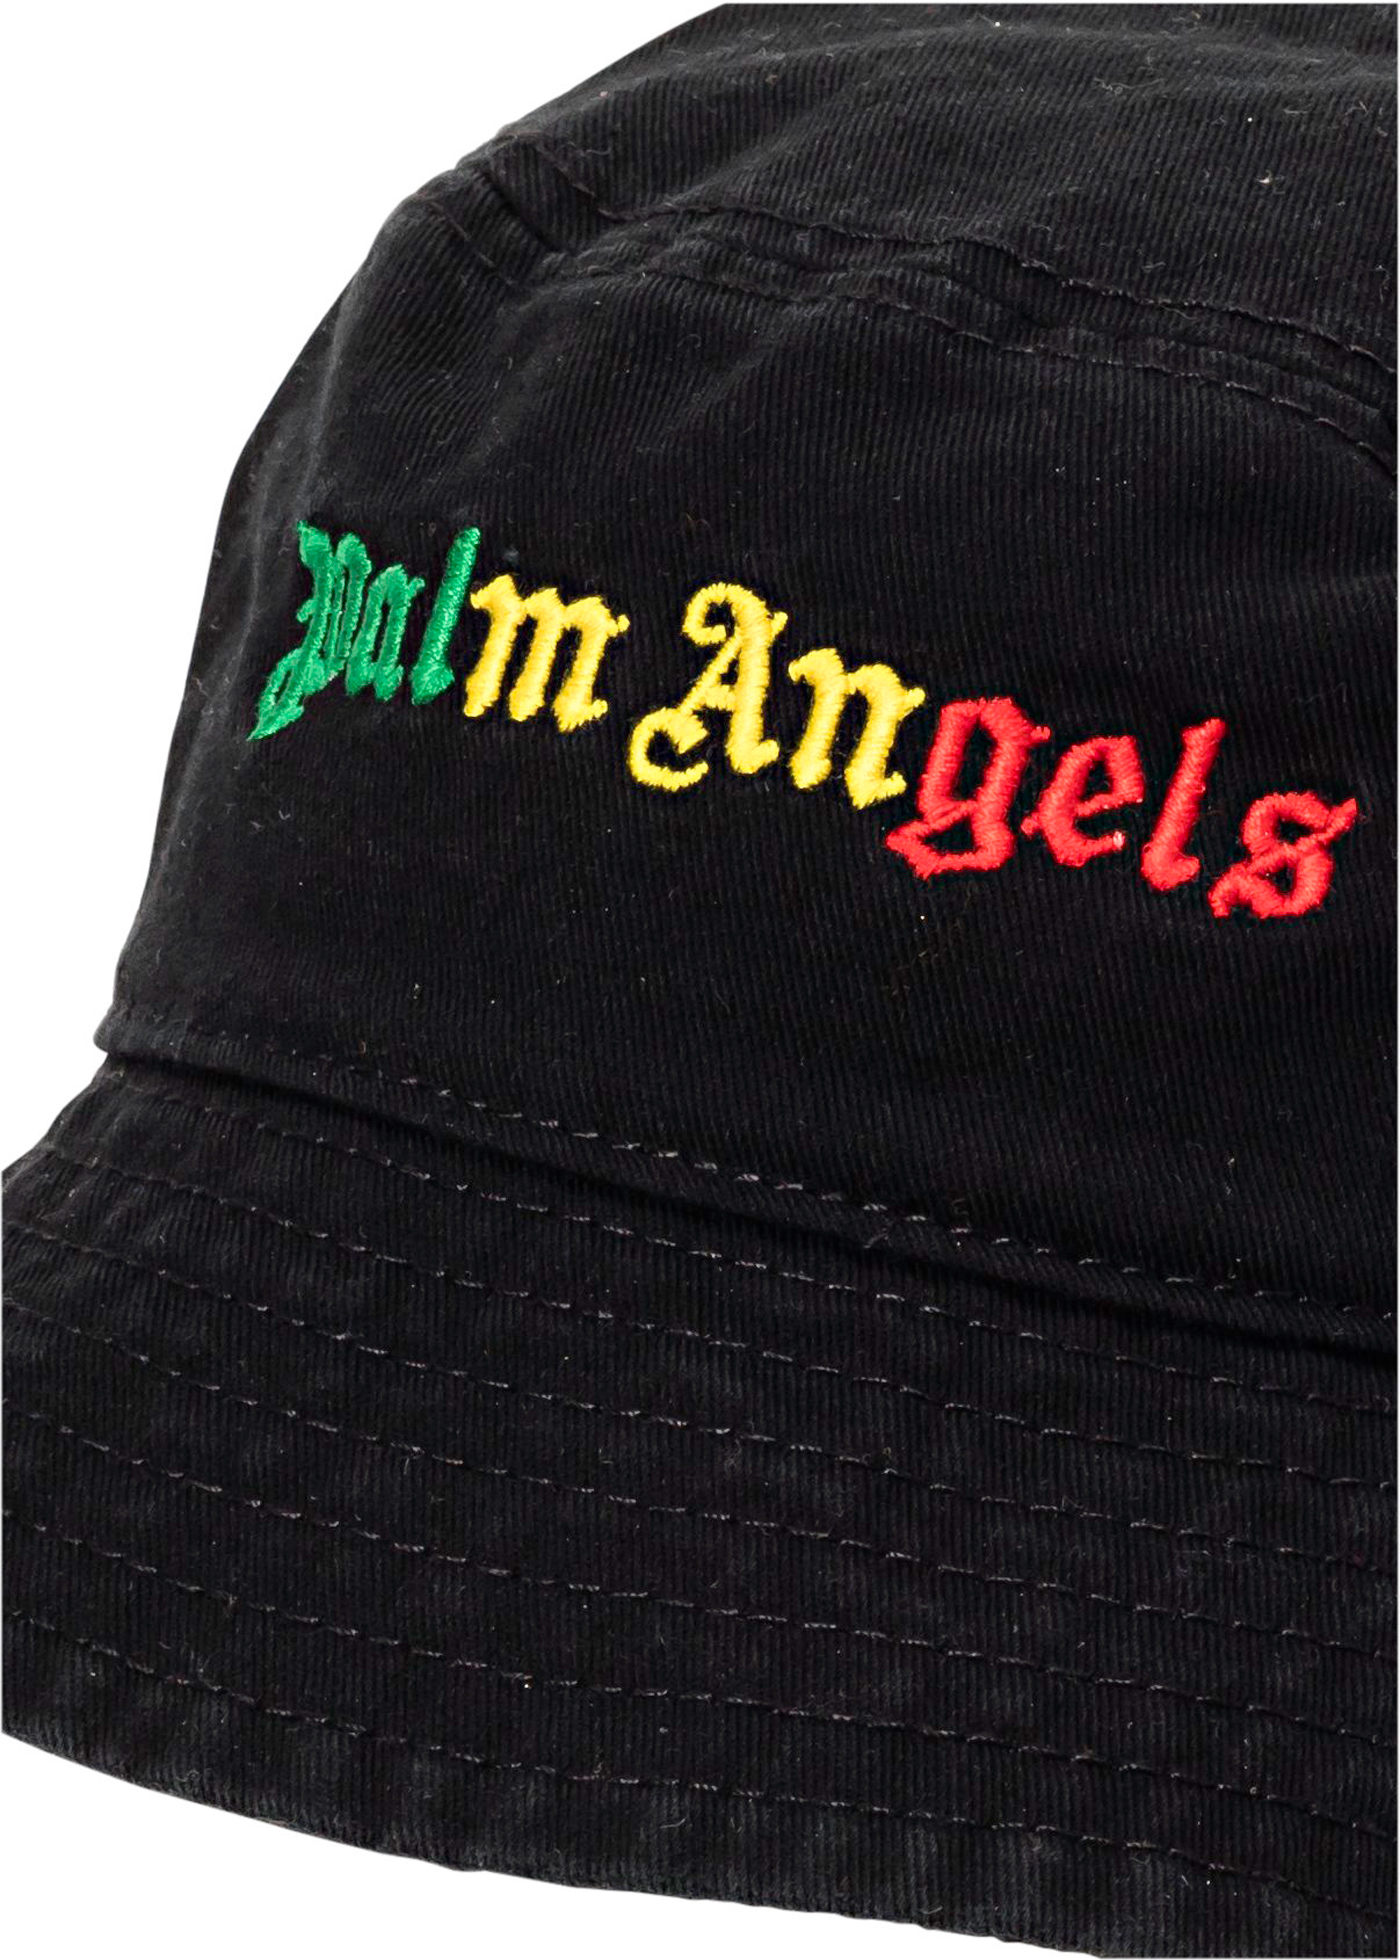 MIAMI LOGO BUCKET HAT BLACK MULTICOLOR image number 1